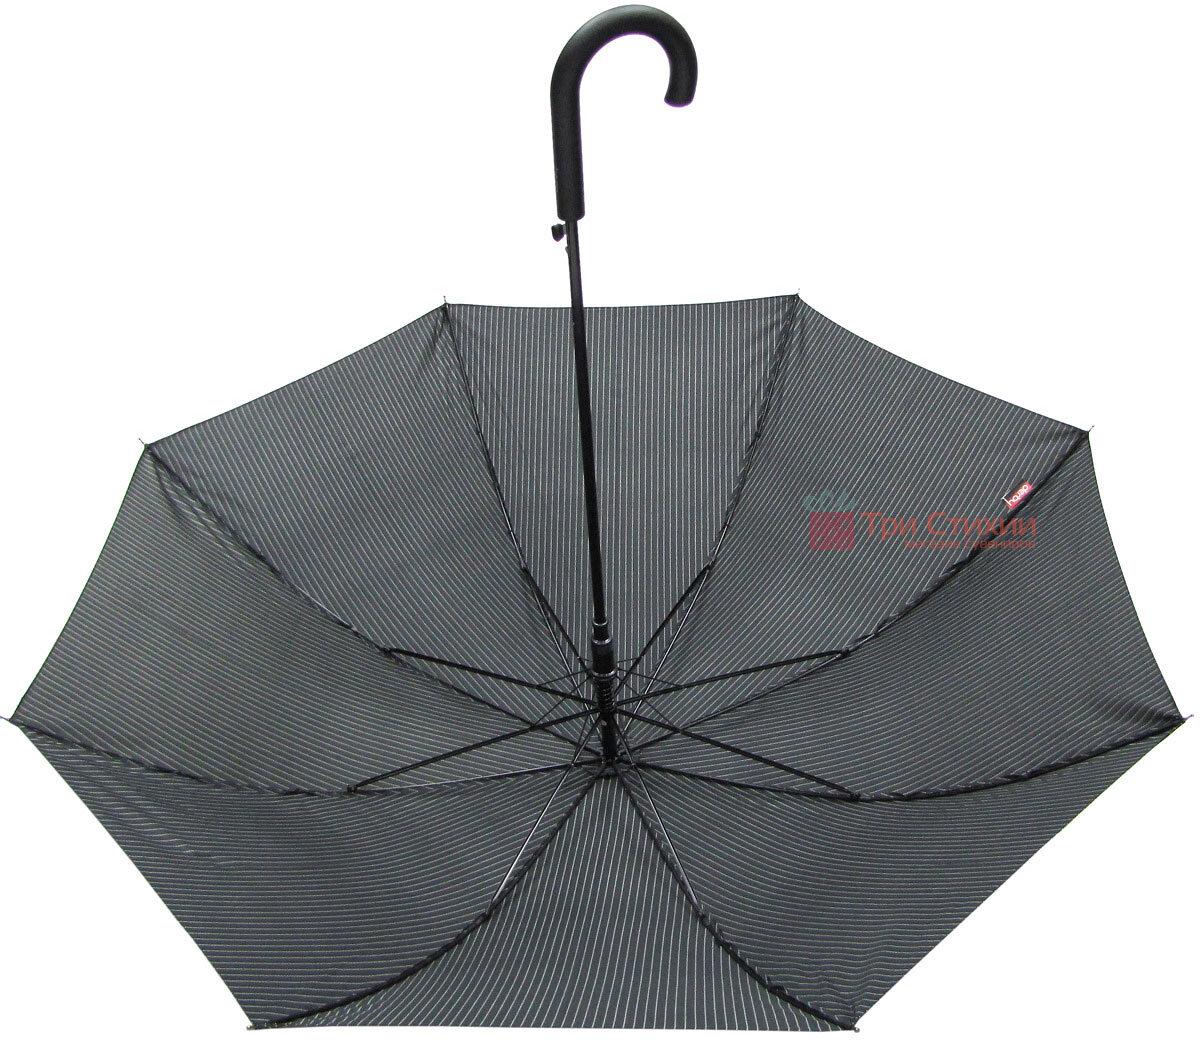 Зонт-трость Derby 77167P-4 полуавтомат Полоска, фото 3